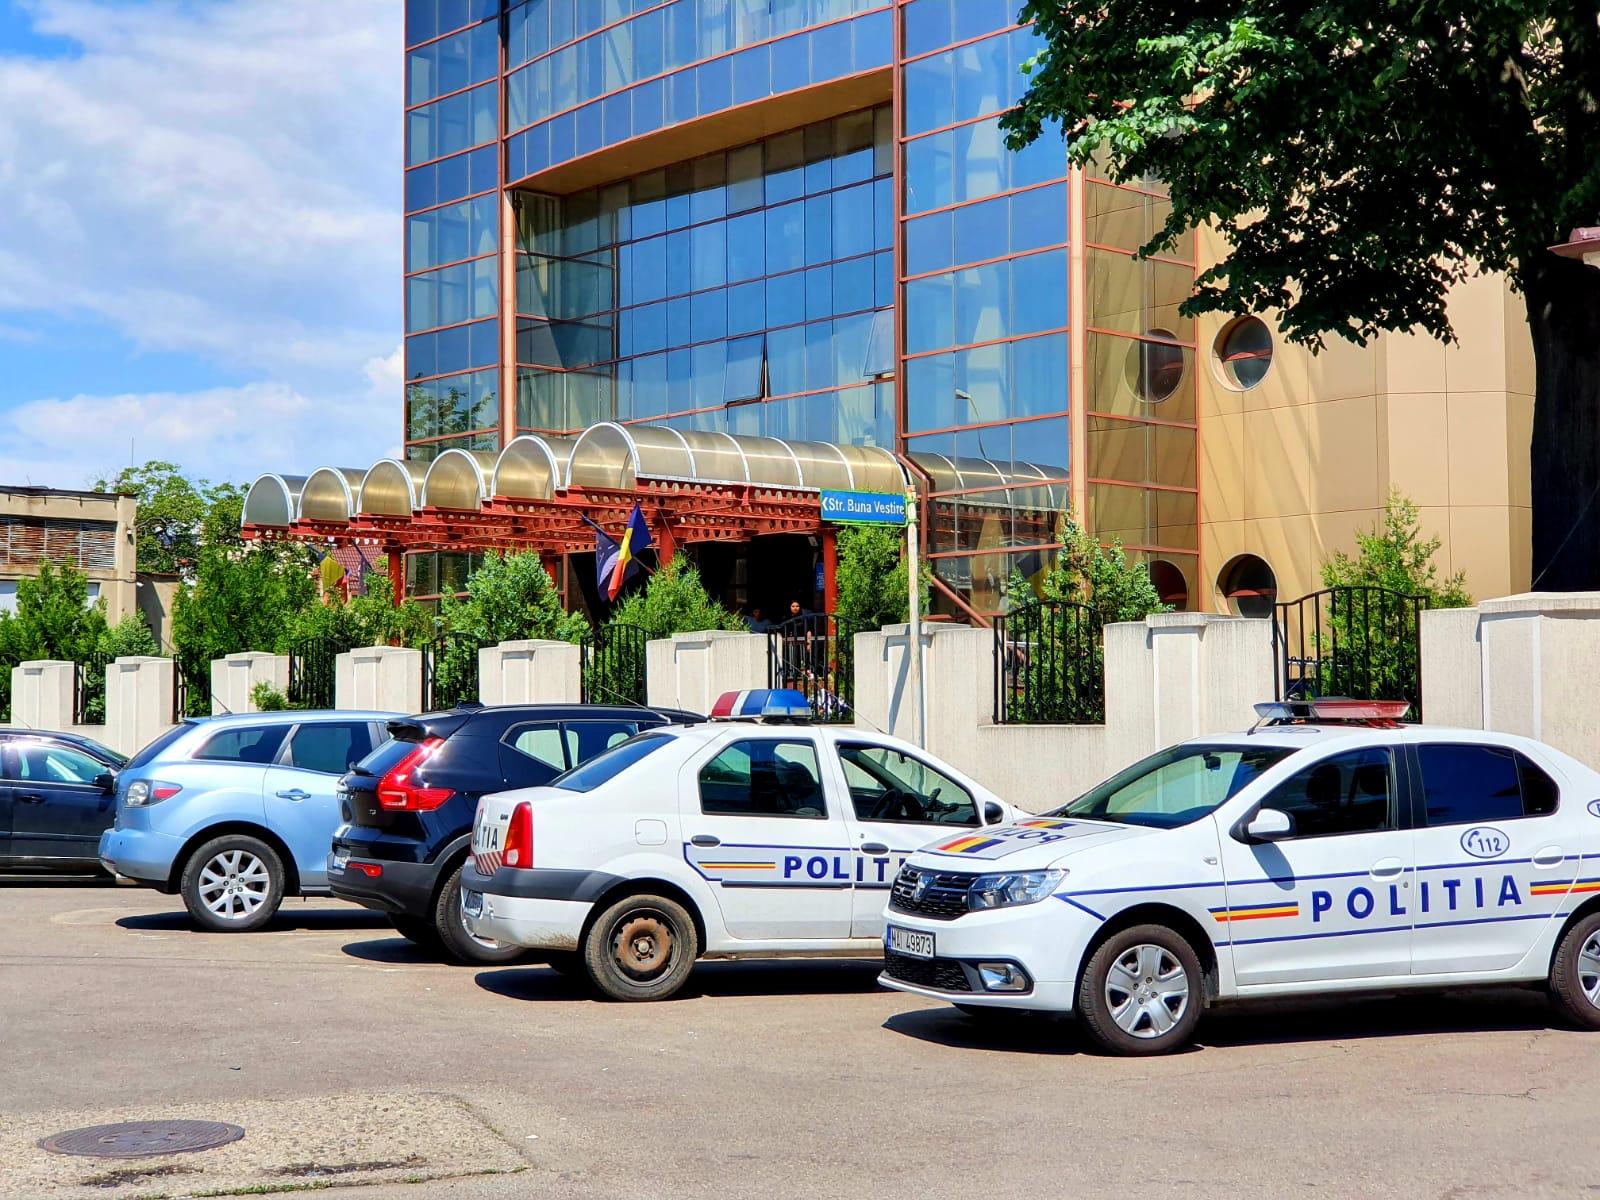 Primarul din Ciorani, Marin Voicu, pus în libertate alături de toate persoanele reținute în dosarul de fraudă electorală